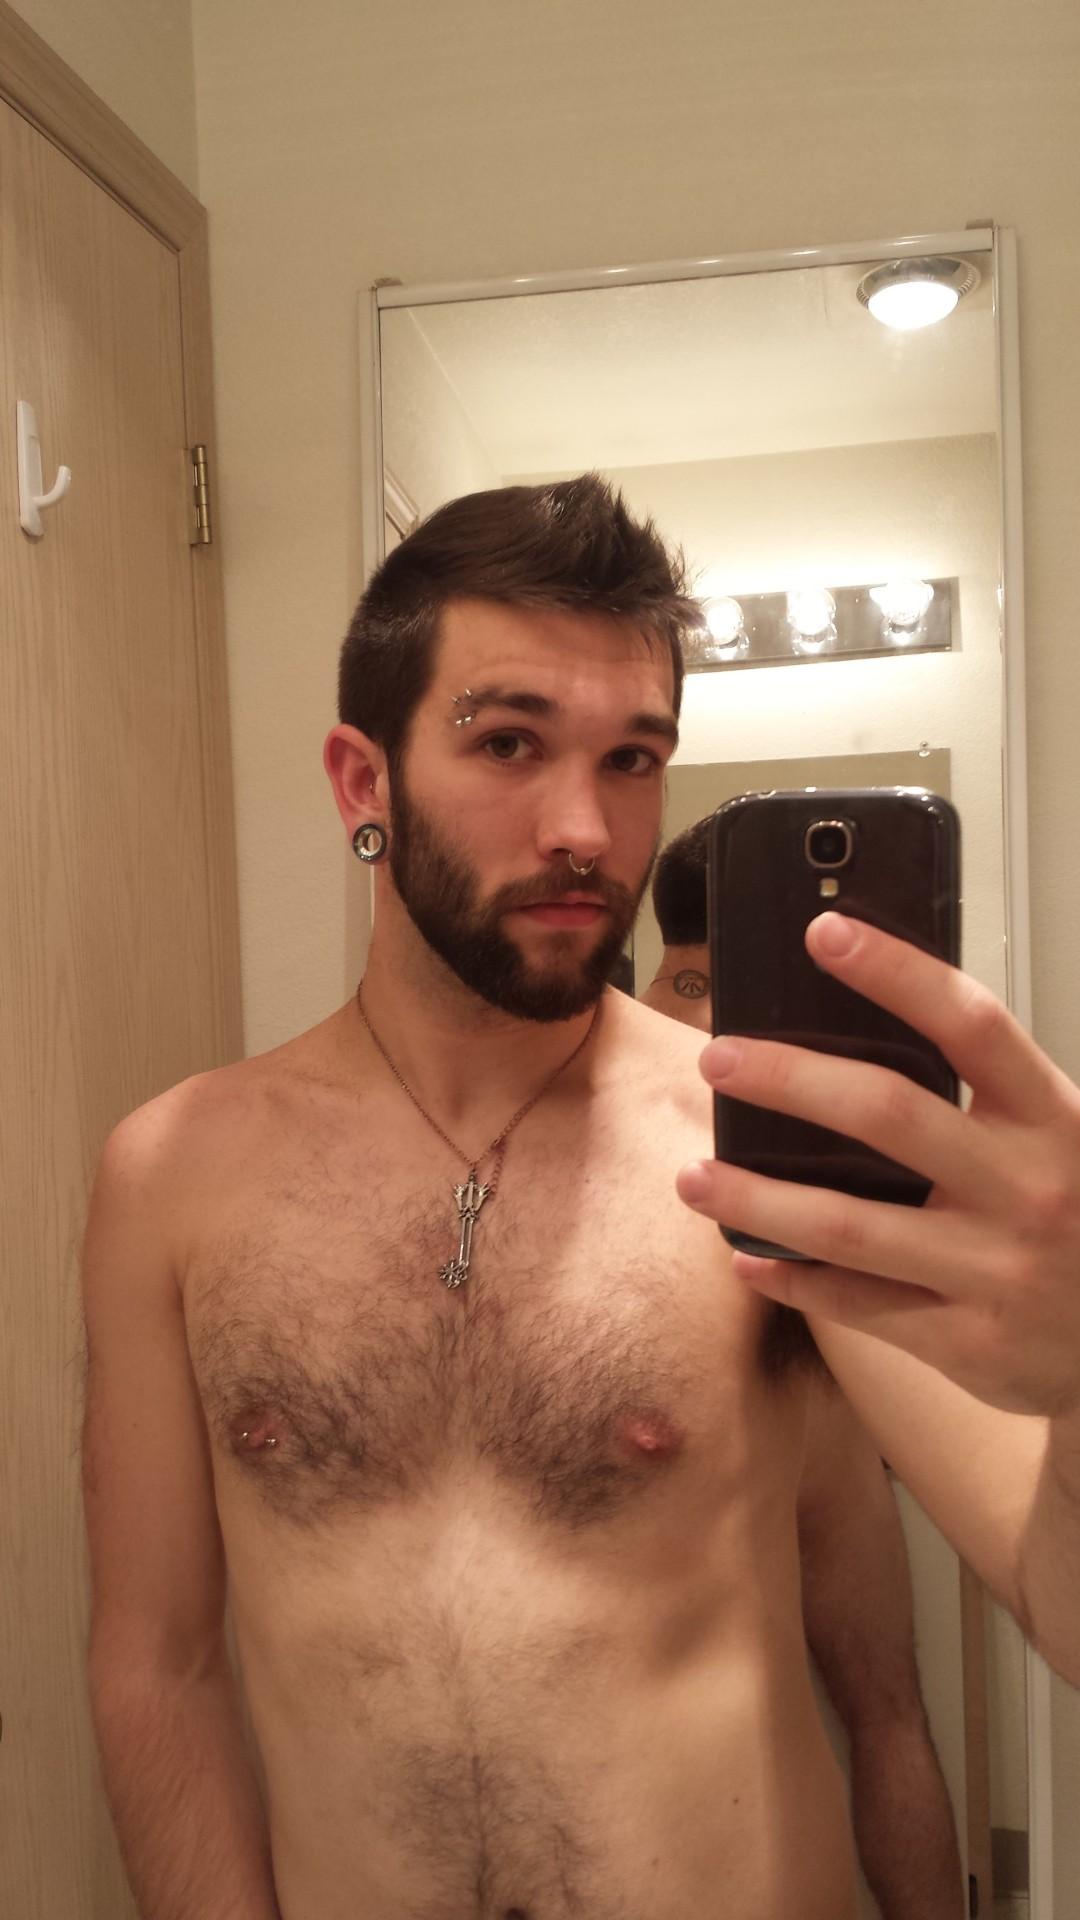 2018-06-04 05:23:01 - crystalqueerotter woop woop cut my hair beardburnme http://www.neofic.com